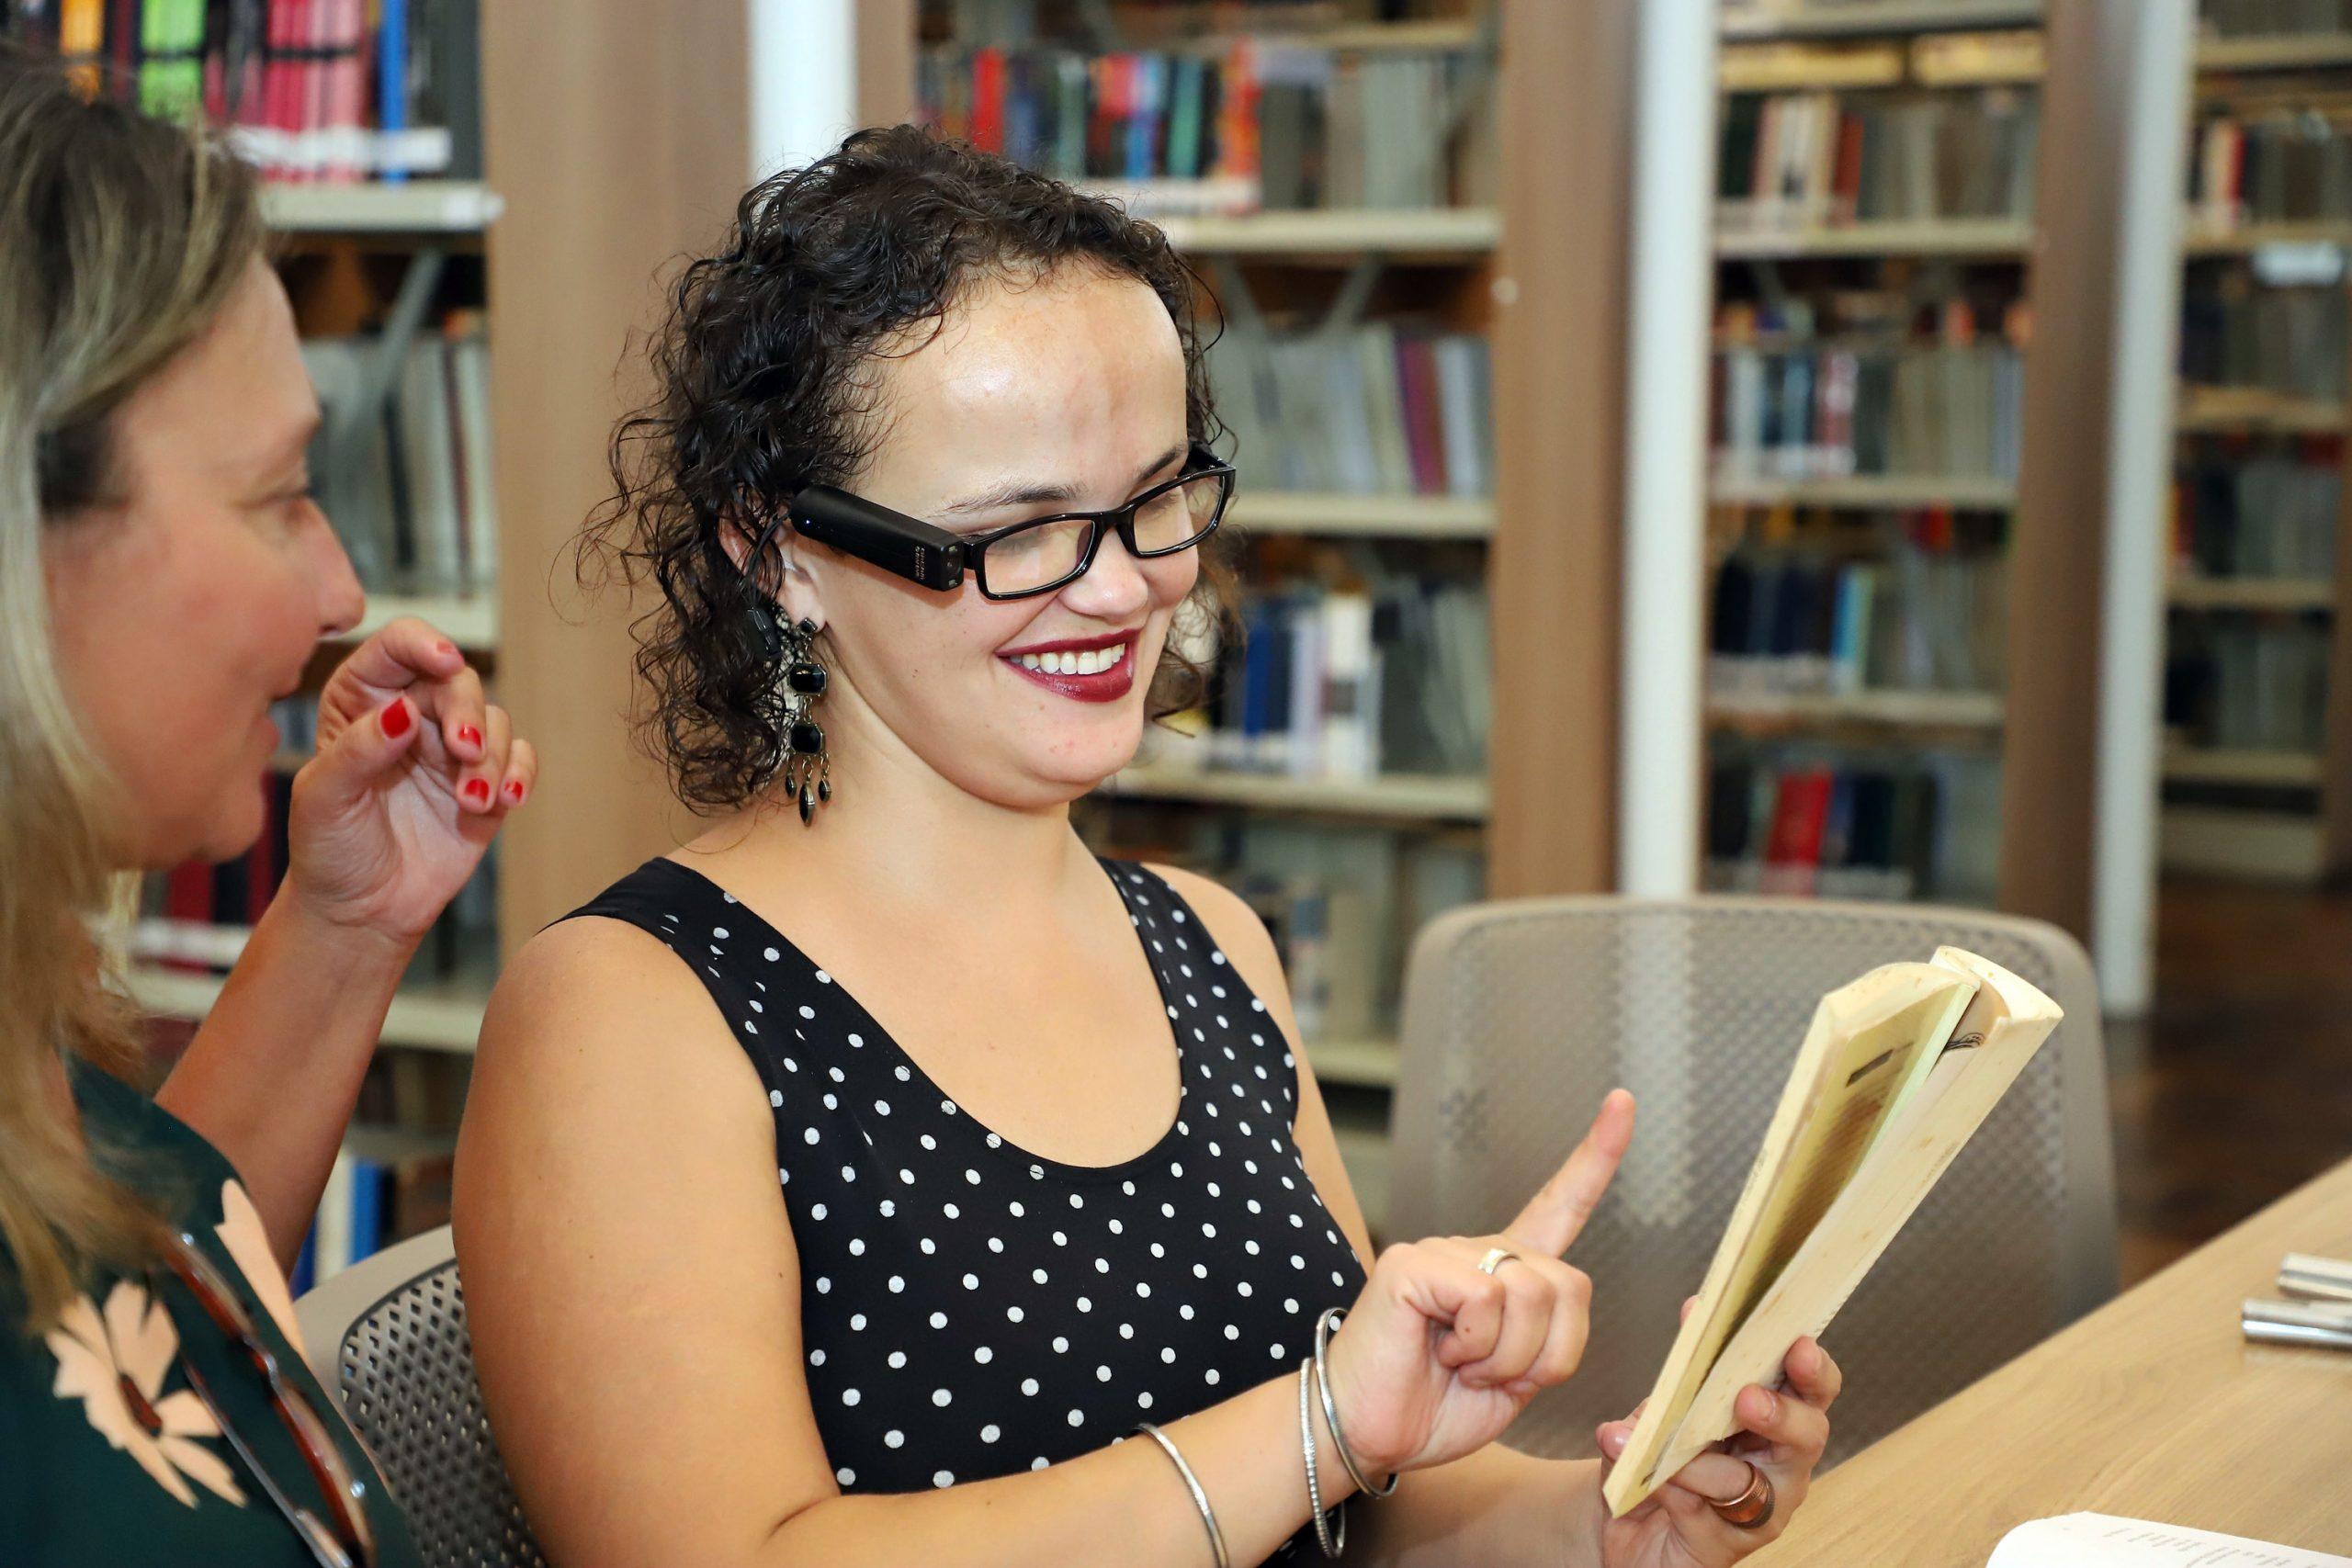 Dispositivo acoplado a um óculos fotografa os textos, escaneia e os transforma em áudio, o que permite o acesso a livros e publicações